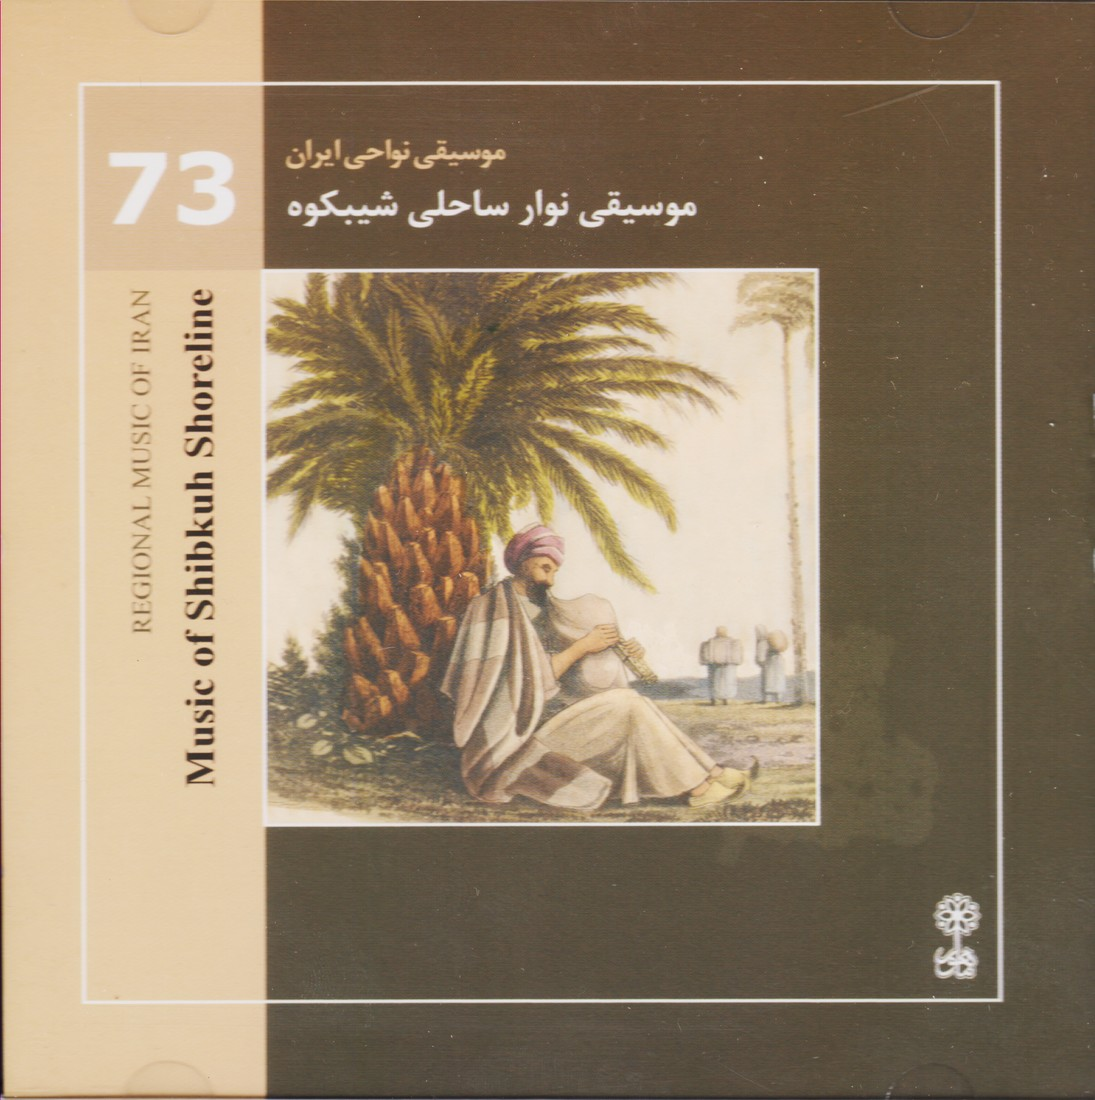 موسیقی نوار ساحلی شیبکوه: موسیقی نواحی ایران 73